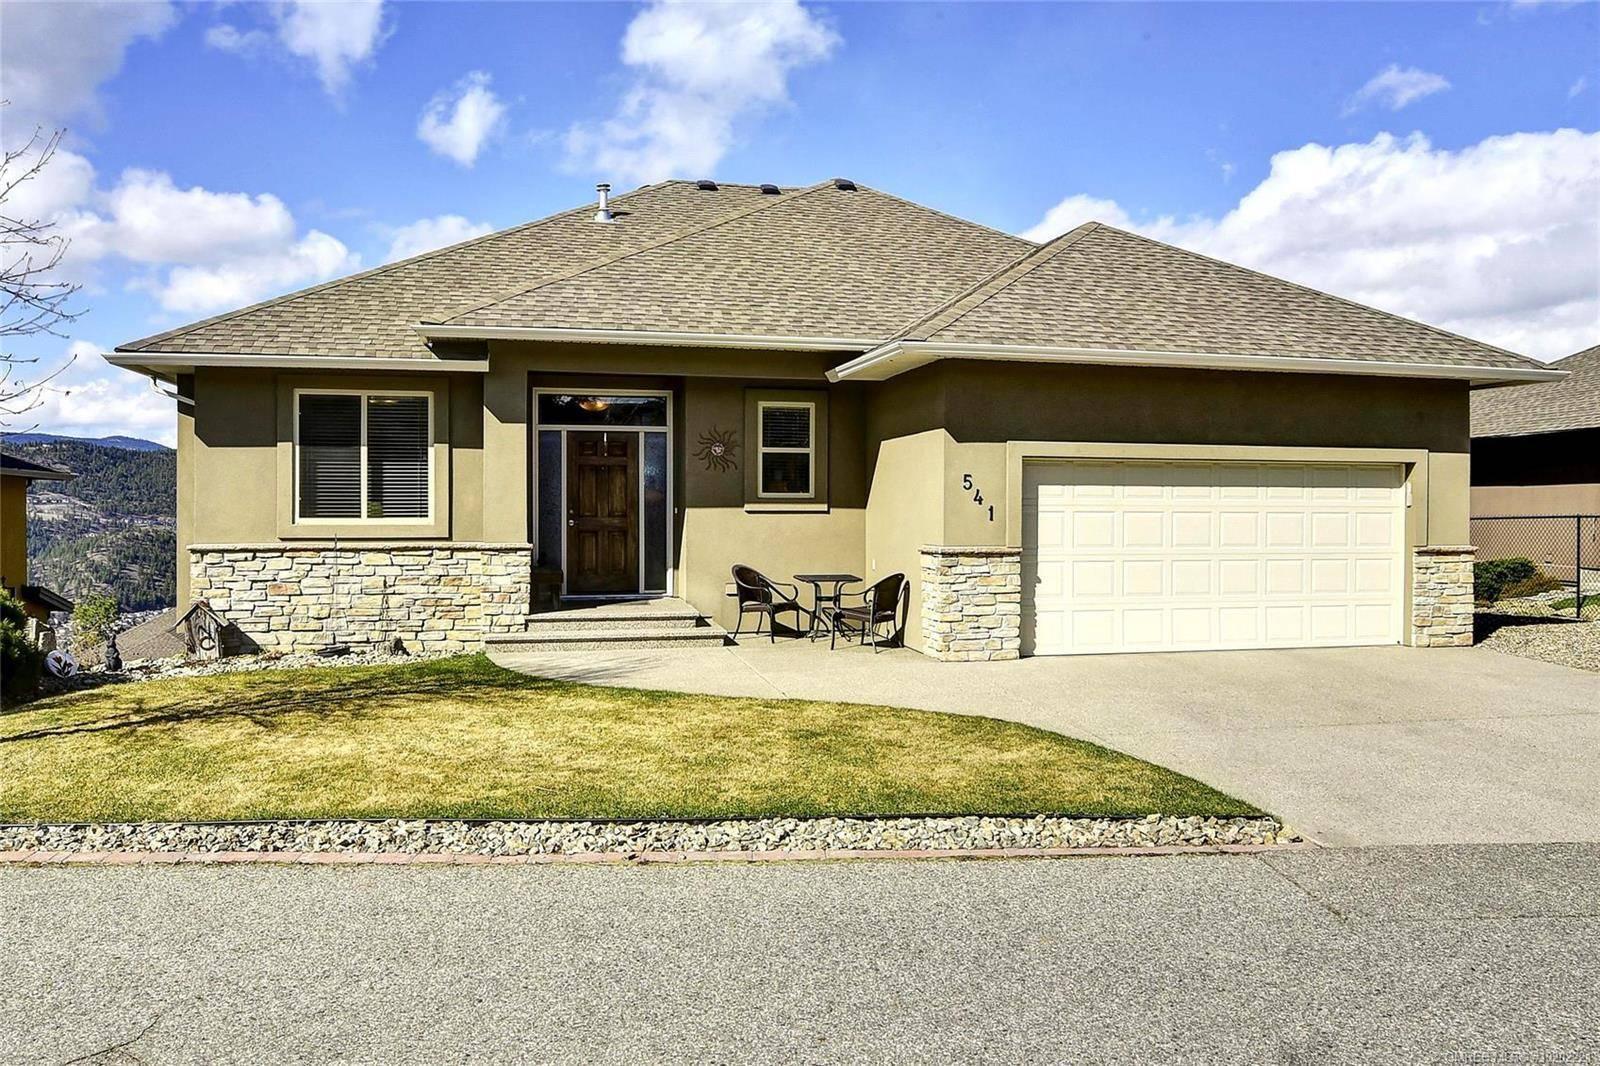 House for sale at 541 Harrogate Ln Kelowna British Columbia - MLS: 10202221